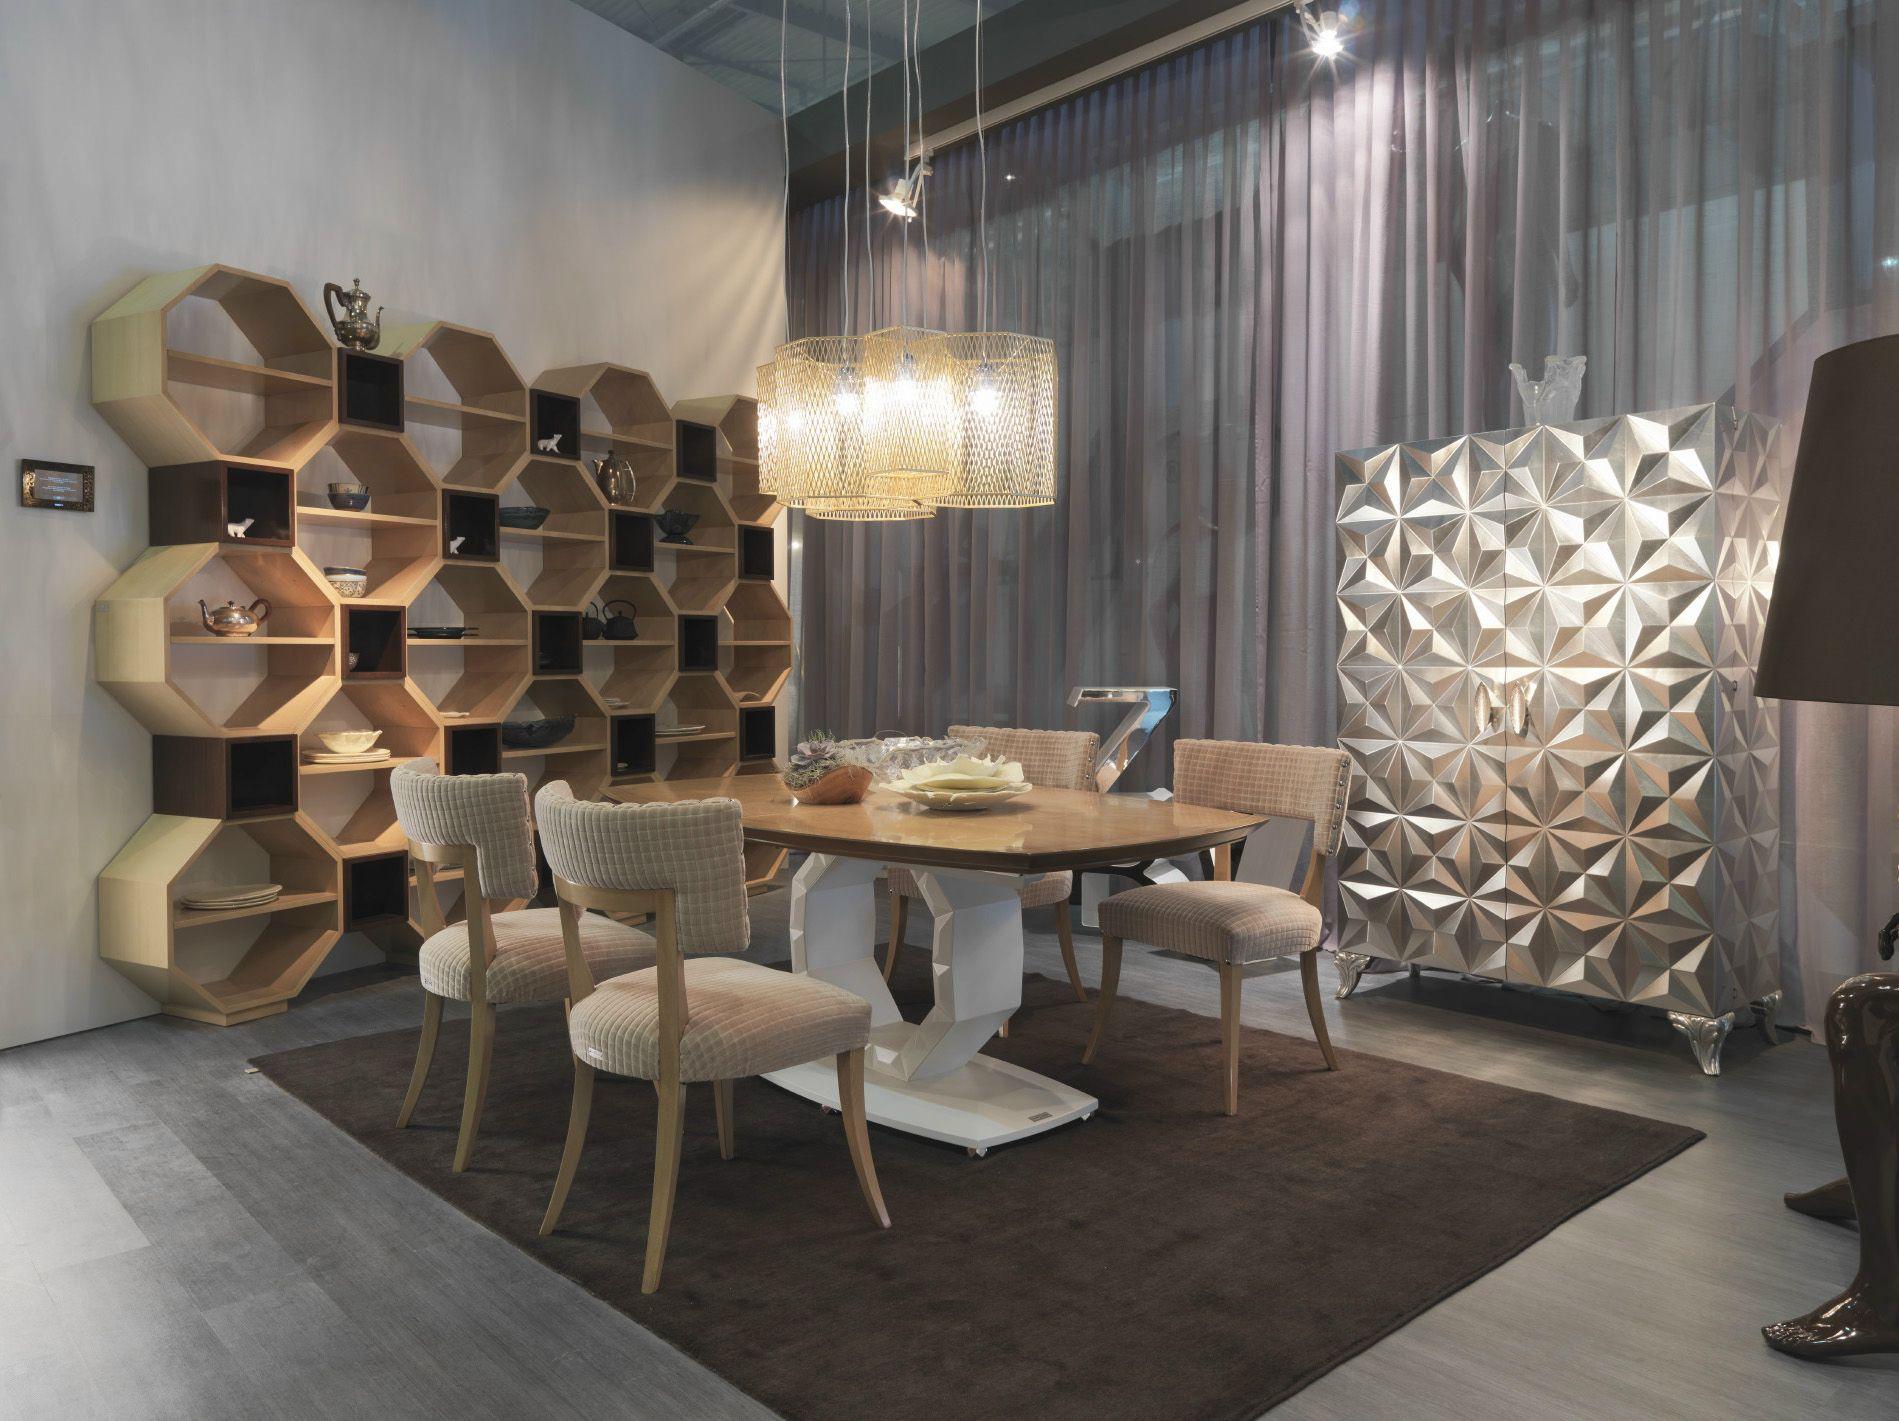 PANDORA Libreria by Bizzotto design Tiziano Bizzotto